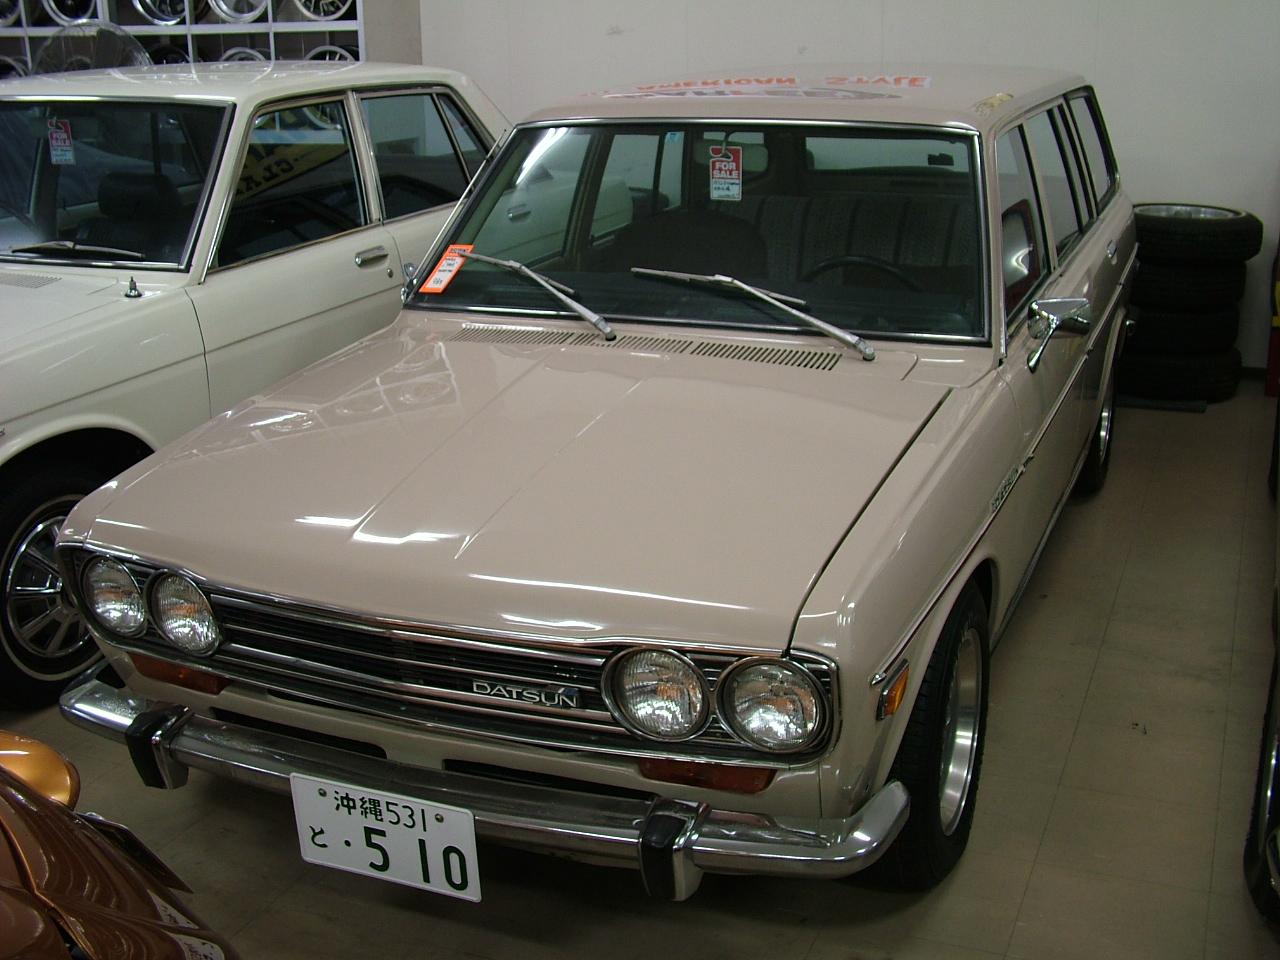 1972 ダットサン510ワゴン 北米左ハンドル|car For Sale|旧車、レストアなら九州、福岡のharfee S